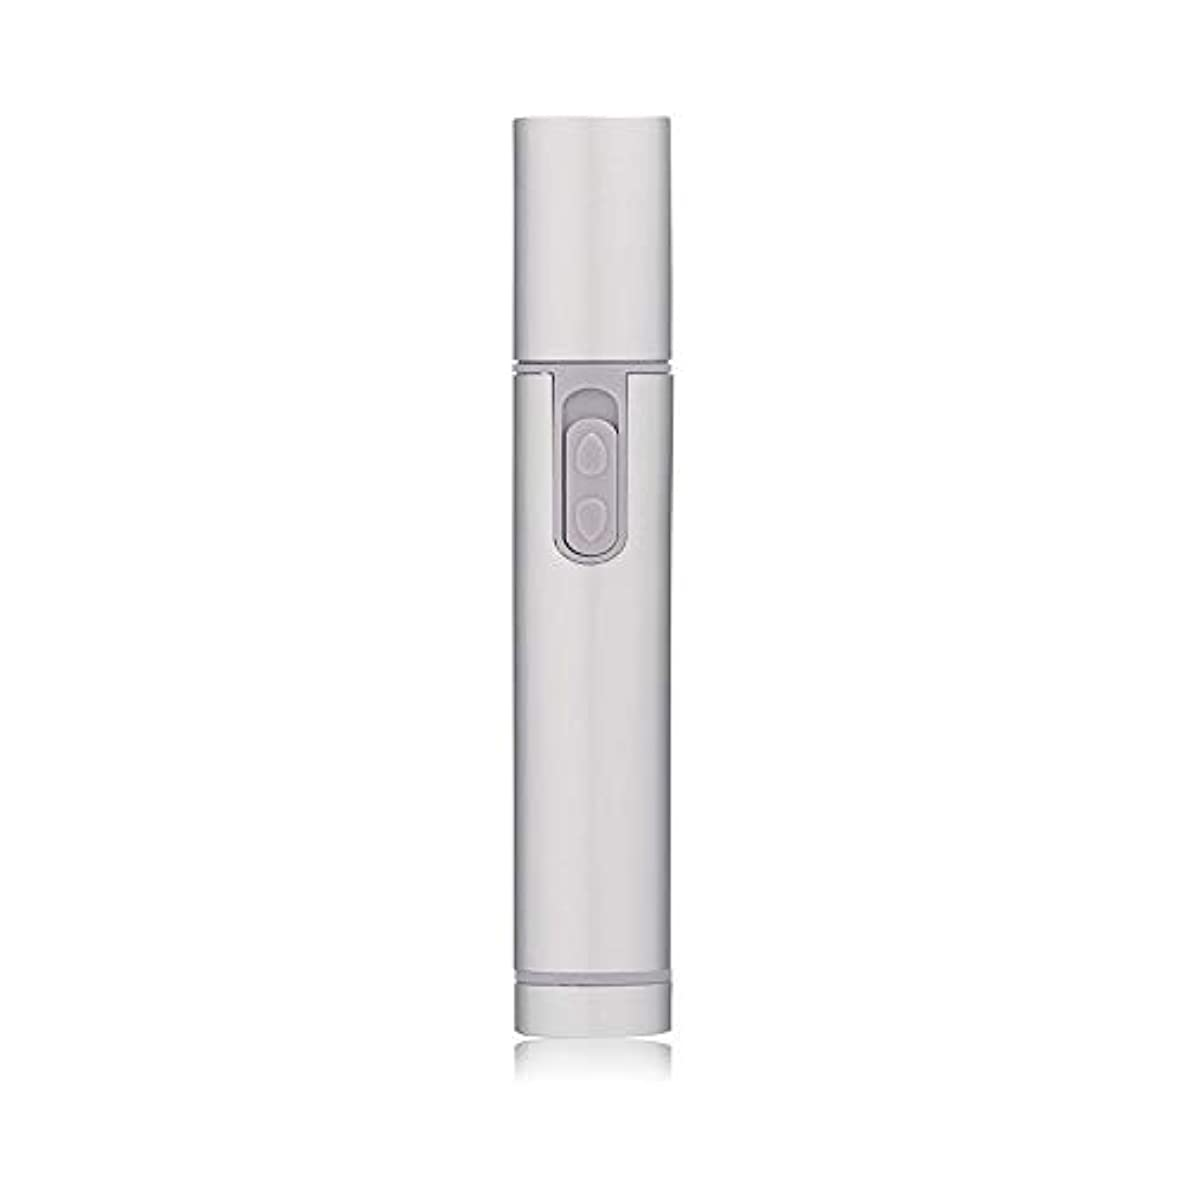 ジャズ赤明日鼻毛トリマー-多機能電動鼻毛トリマー/ 360°回転オールラウンド/ナイフヘッド防水洗える/ 11.3-1.4cm 持つ価値があります